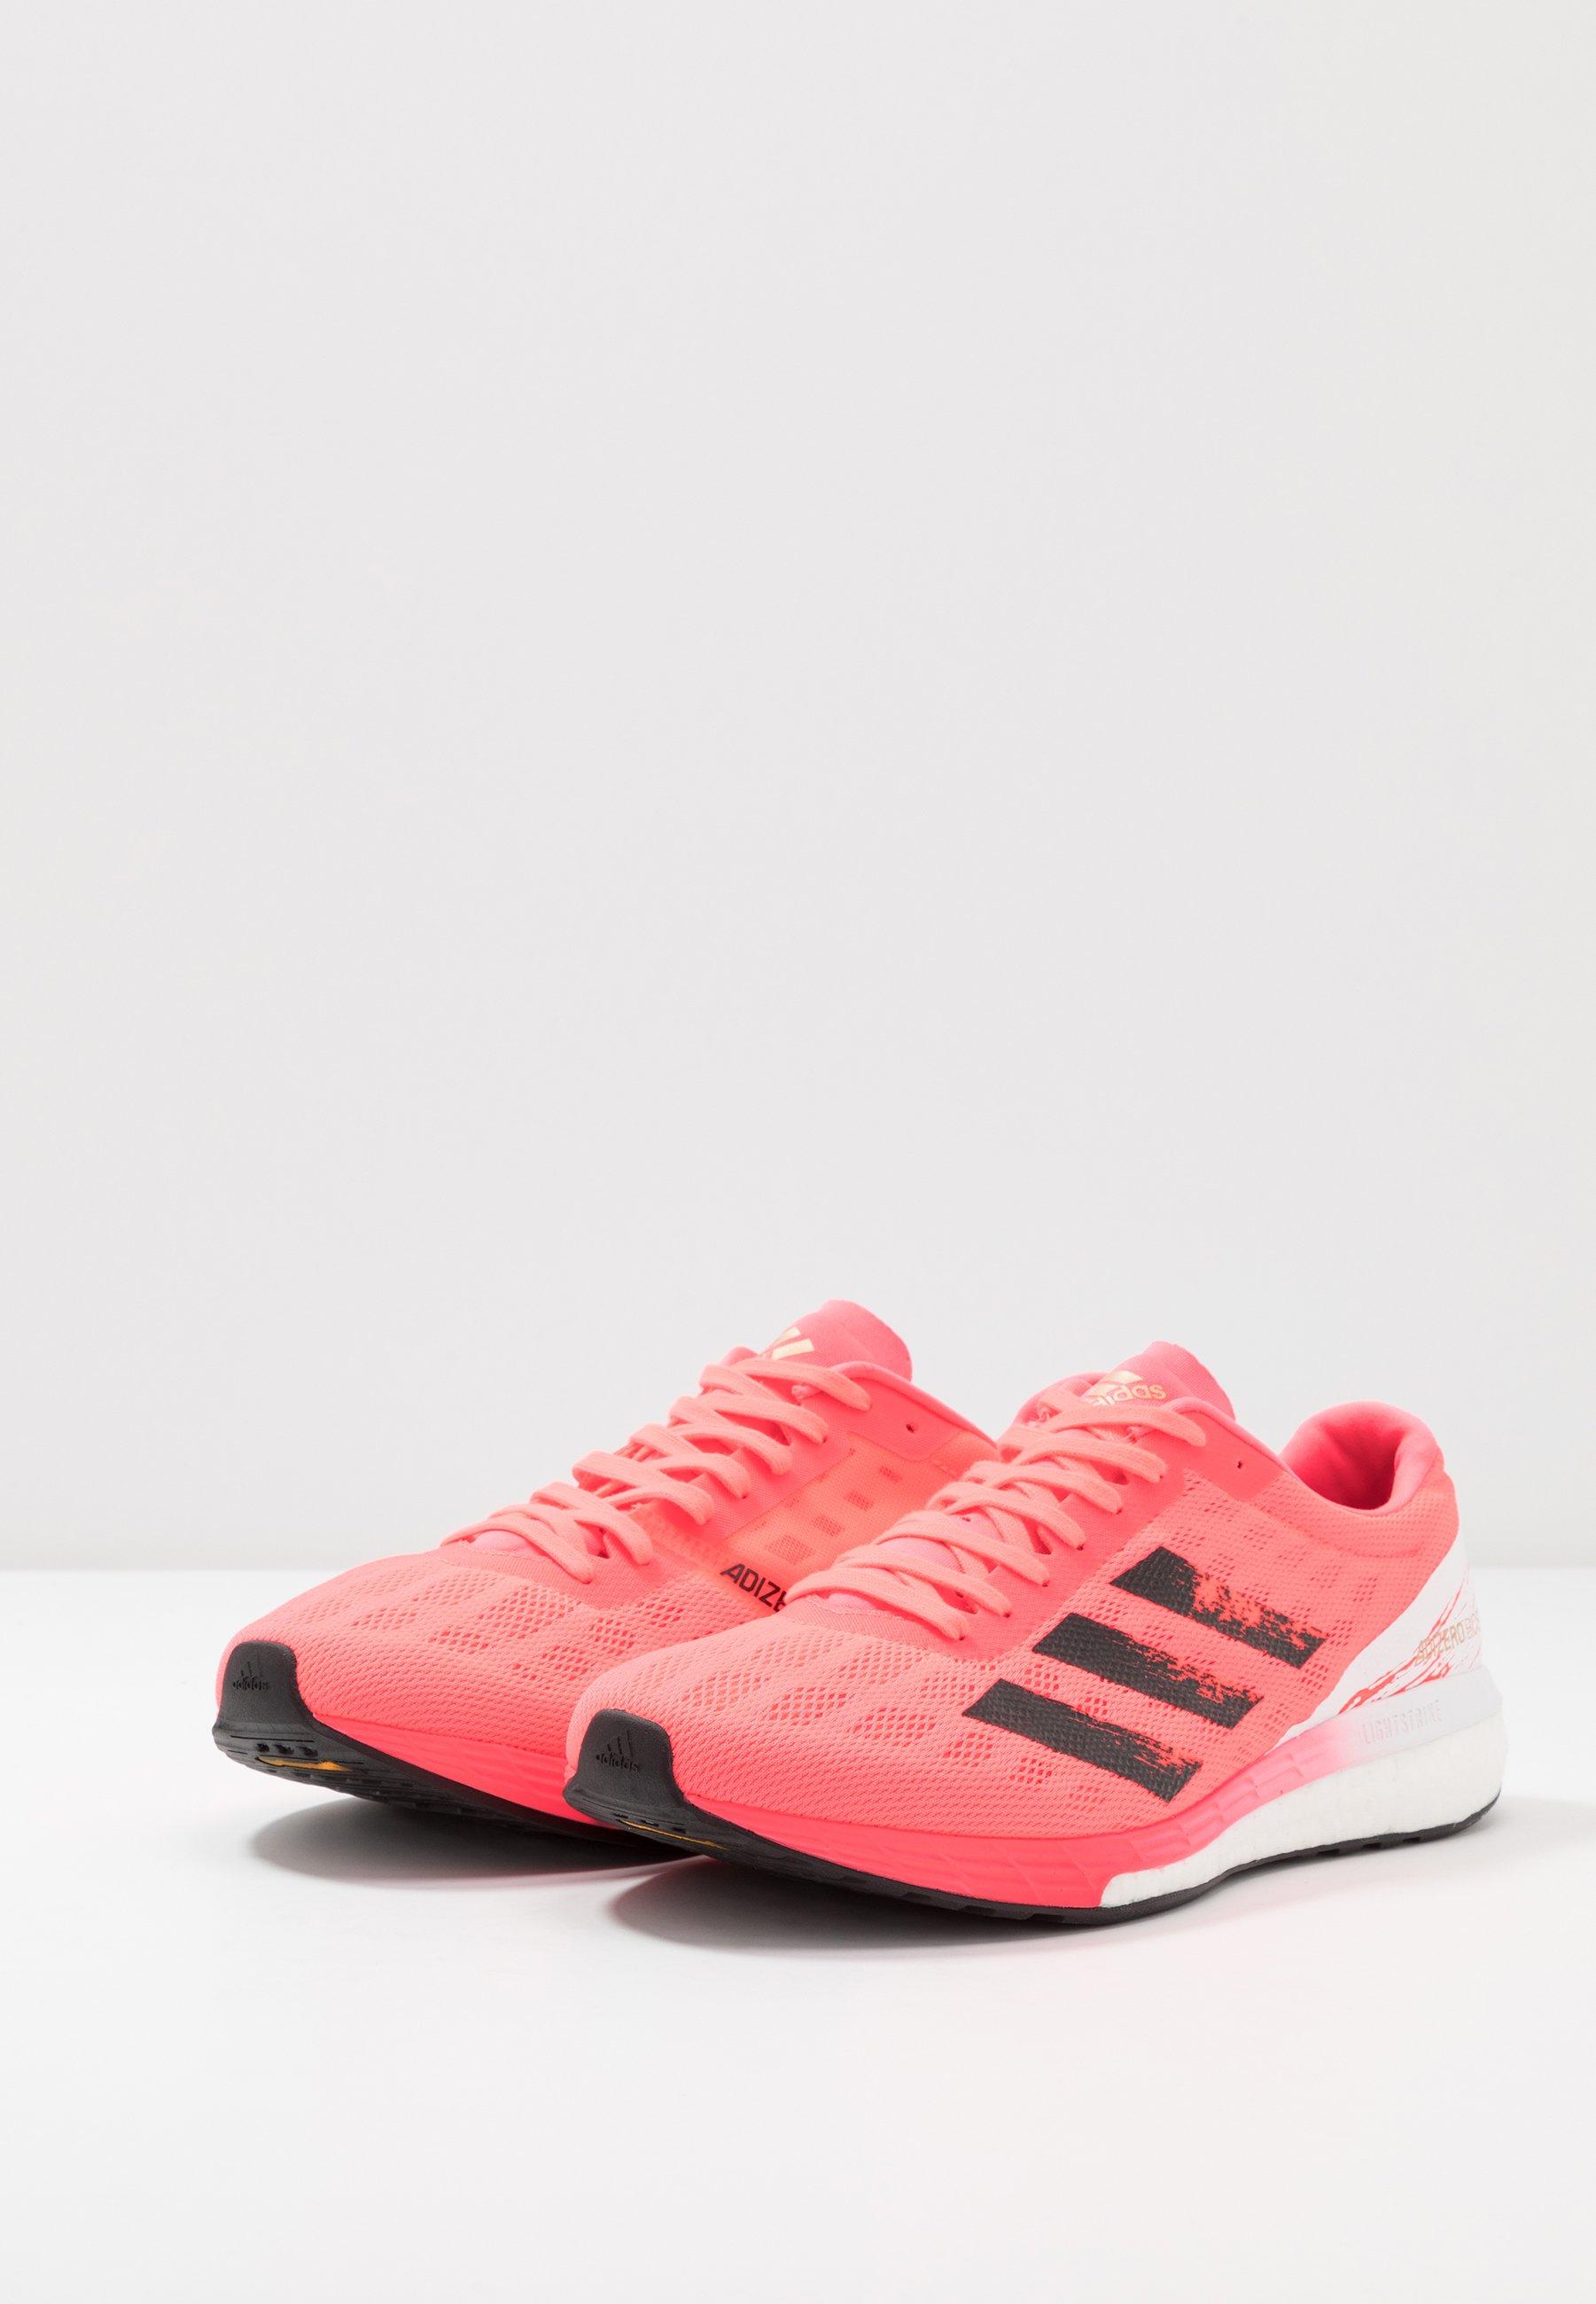 Collezioni Scarpe da uomo adidas Performance ADIZERO BOSTON 9 Scarpe da corsa stabili signal pink/core black/copper metallic